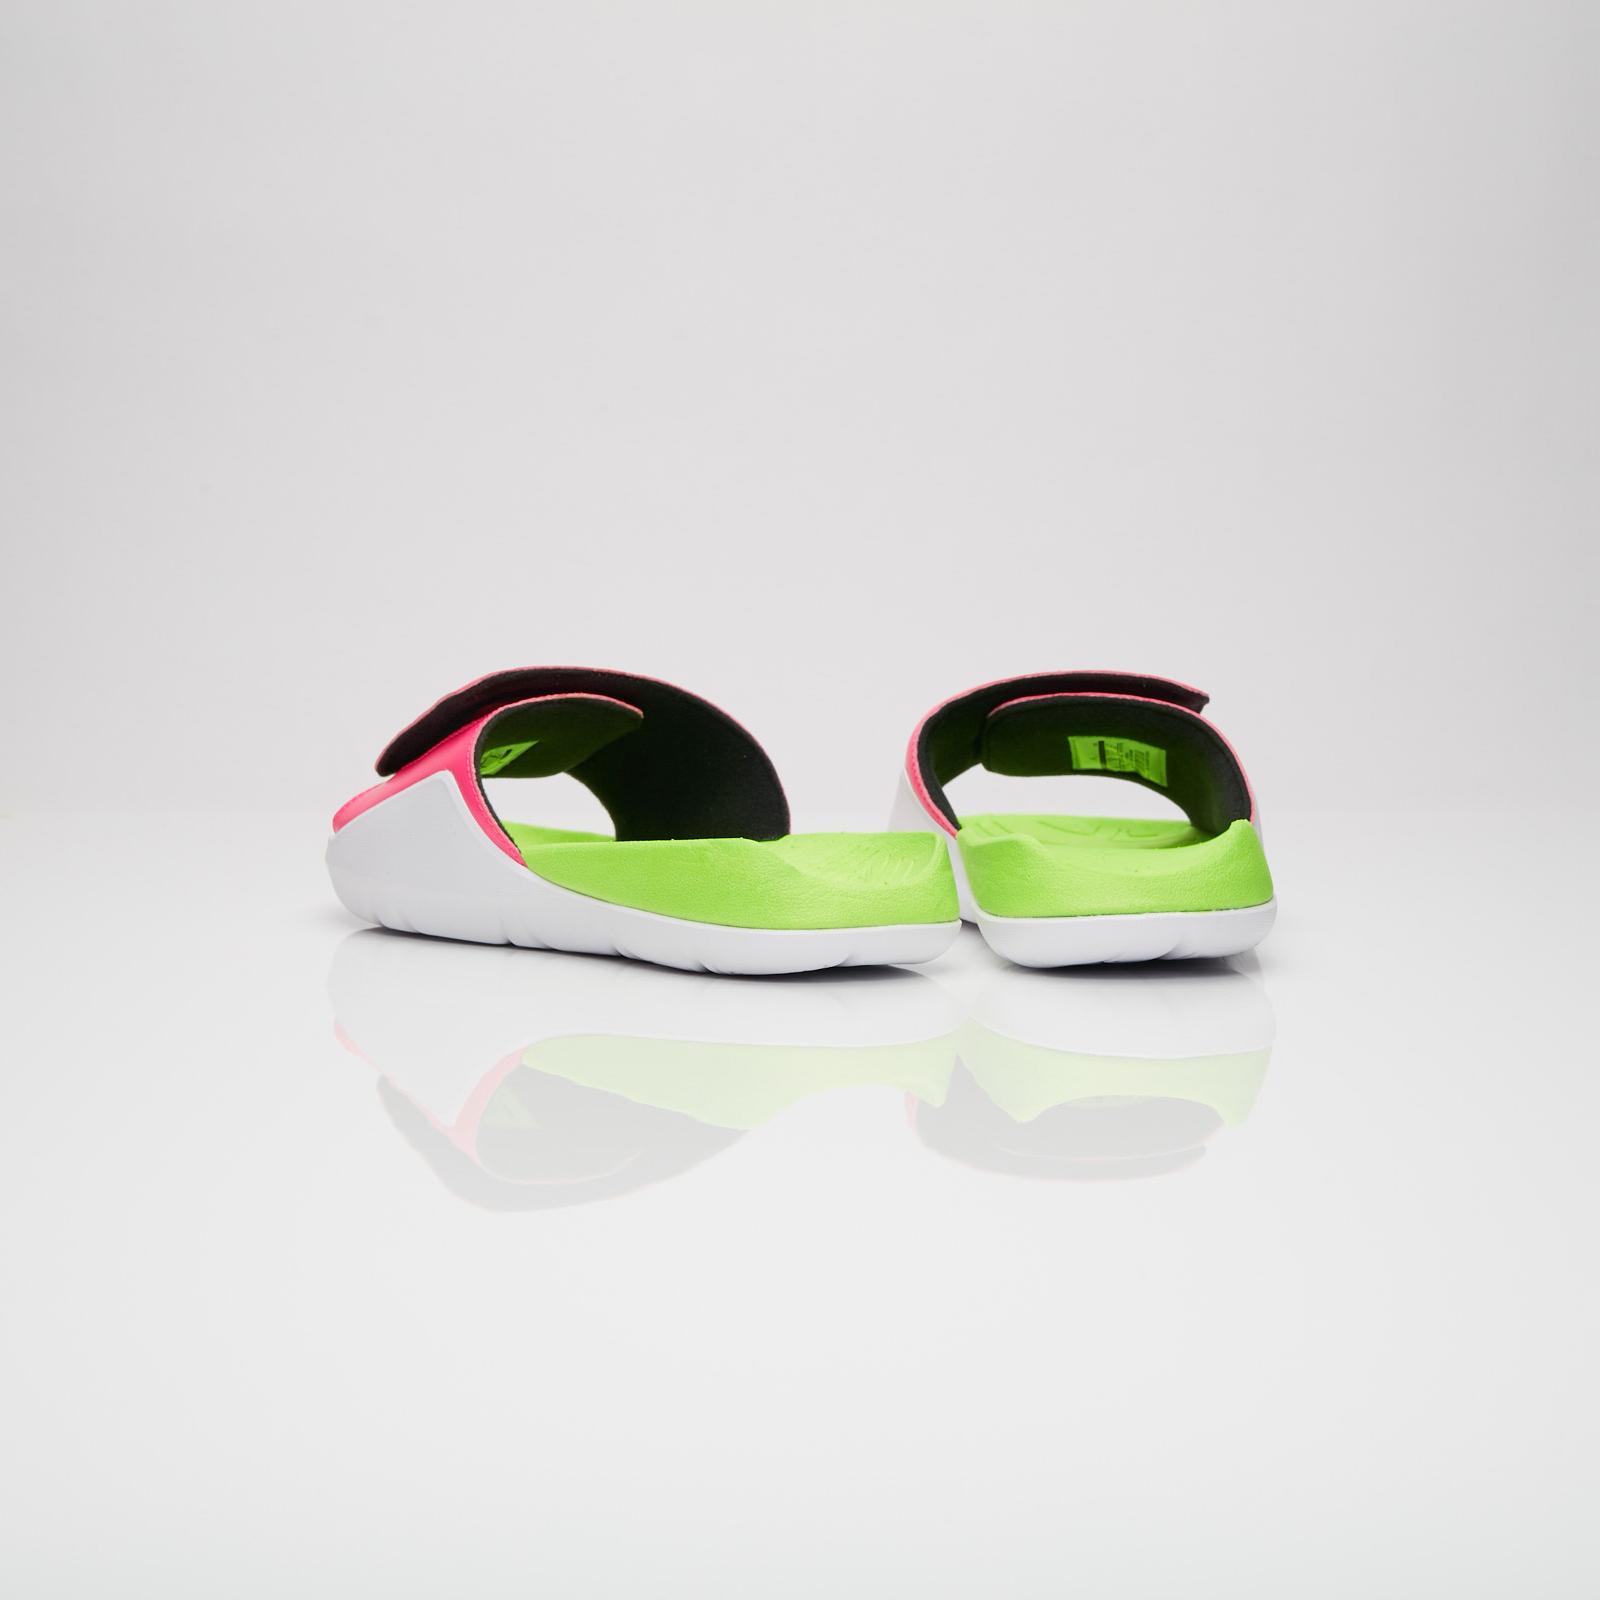 c9ebbcb52 Jordan Brand Jordan Hydro 7 Q54 - At9193-600 - Sneakersnstuff ...